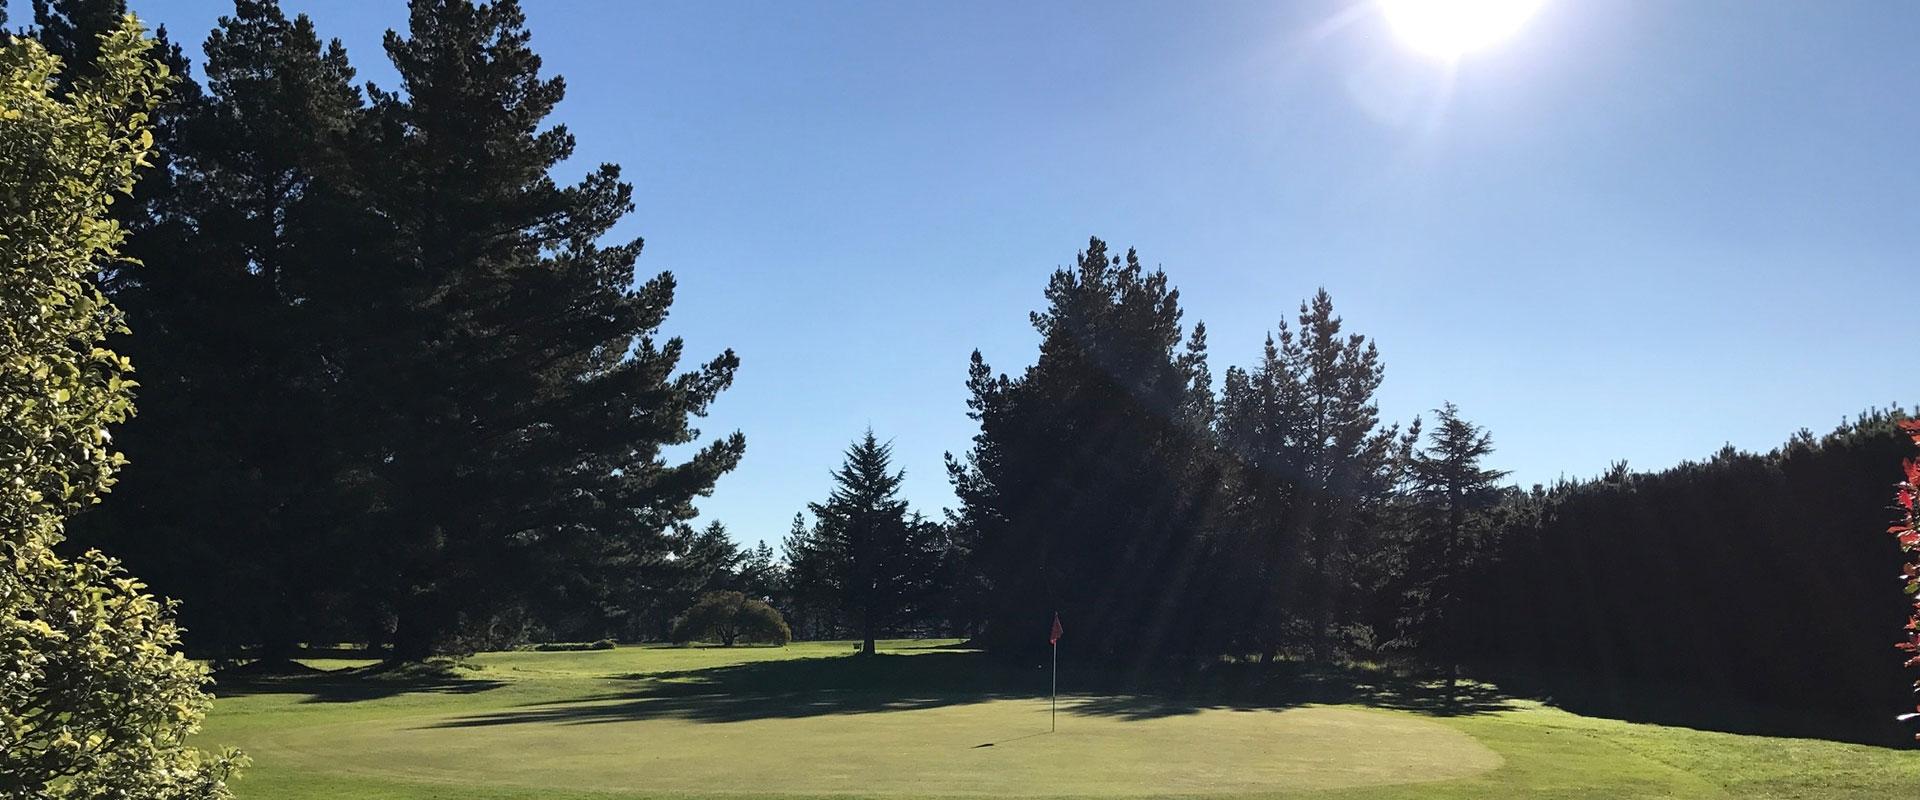 par 73 golf course